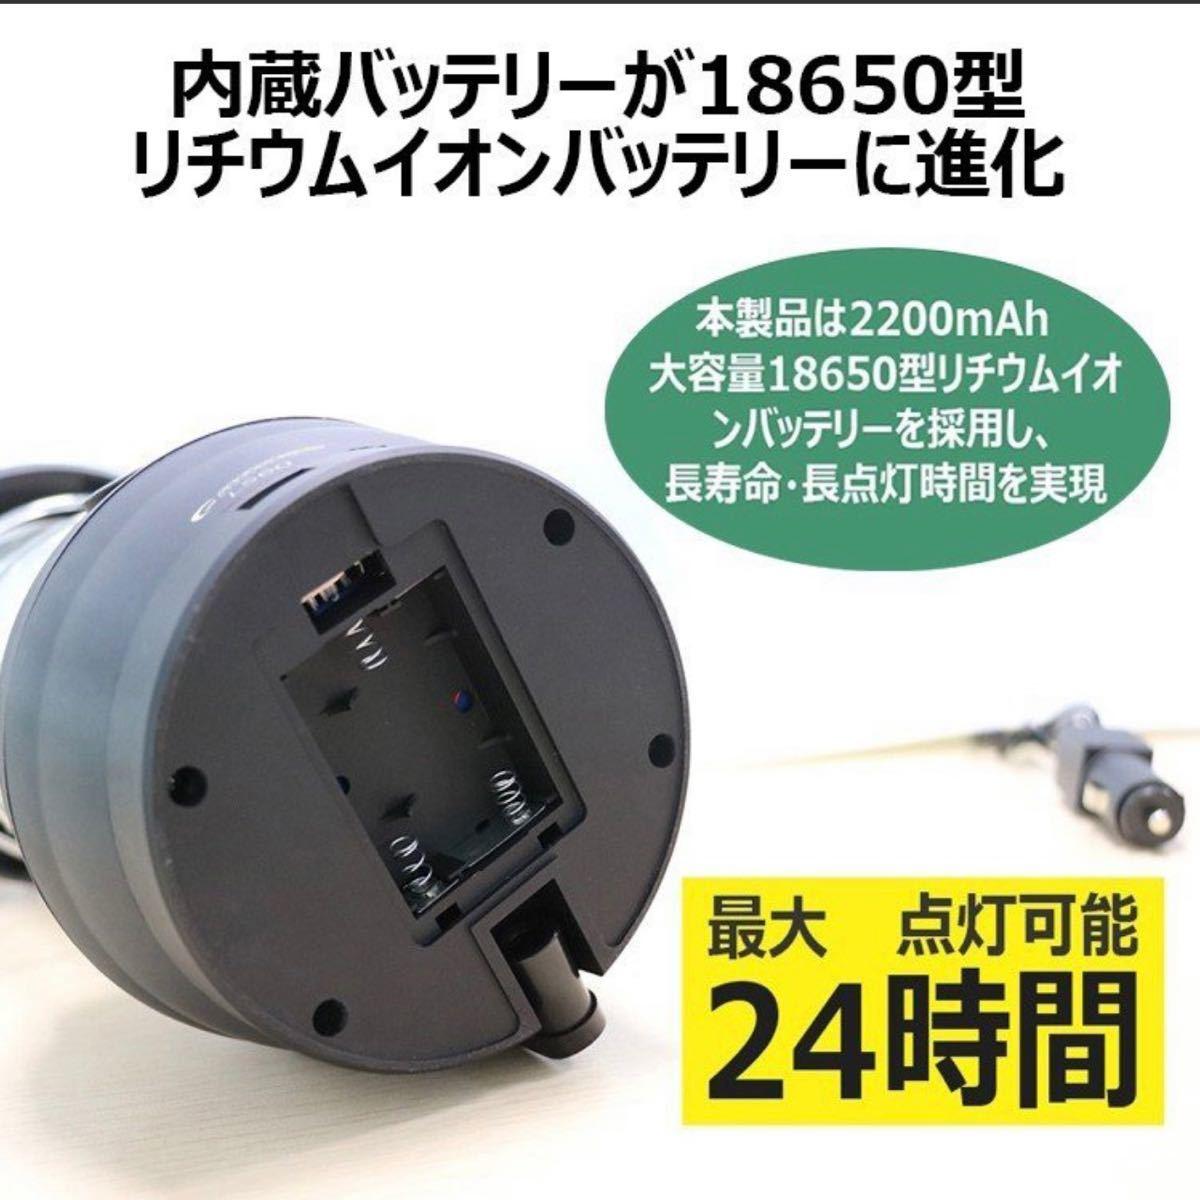 ランタン LED おしゃれ 災害用 LEDランタン 充電式 キャンプ用品